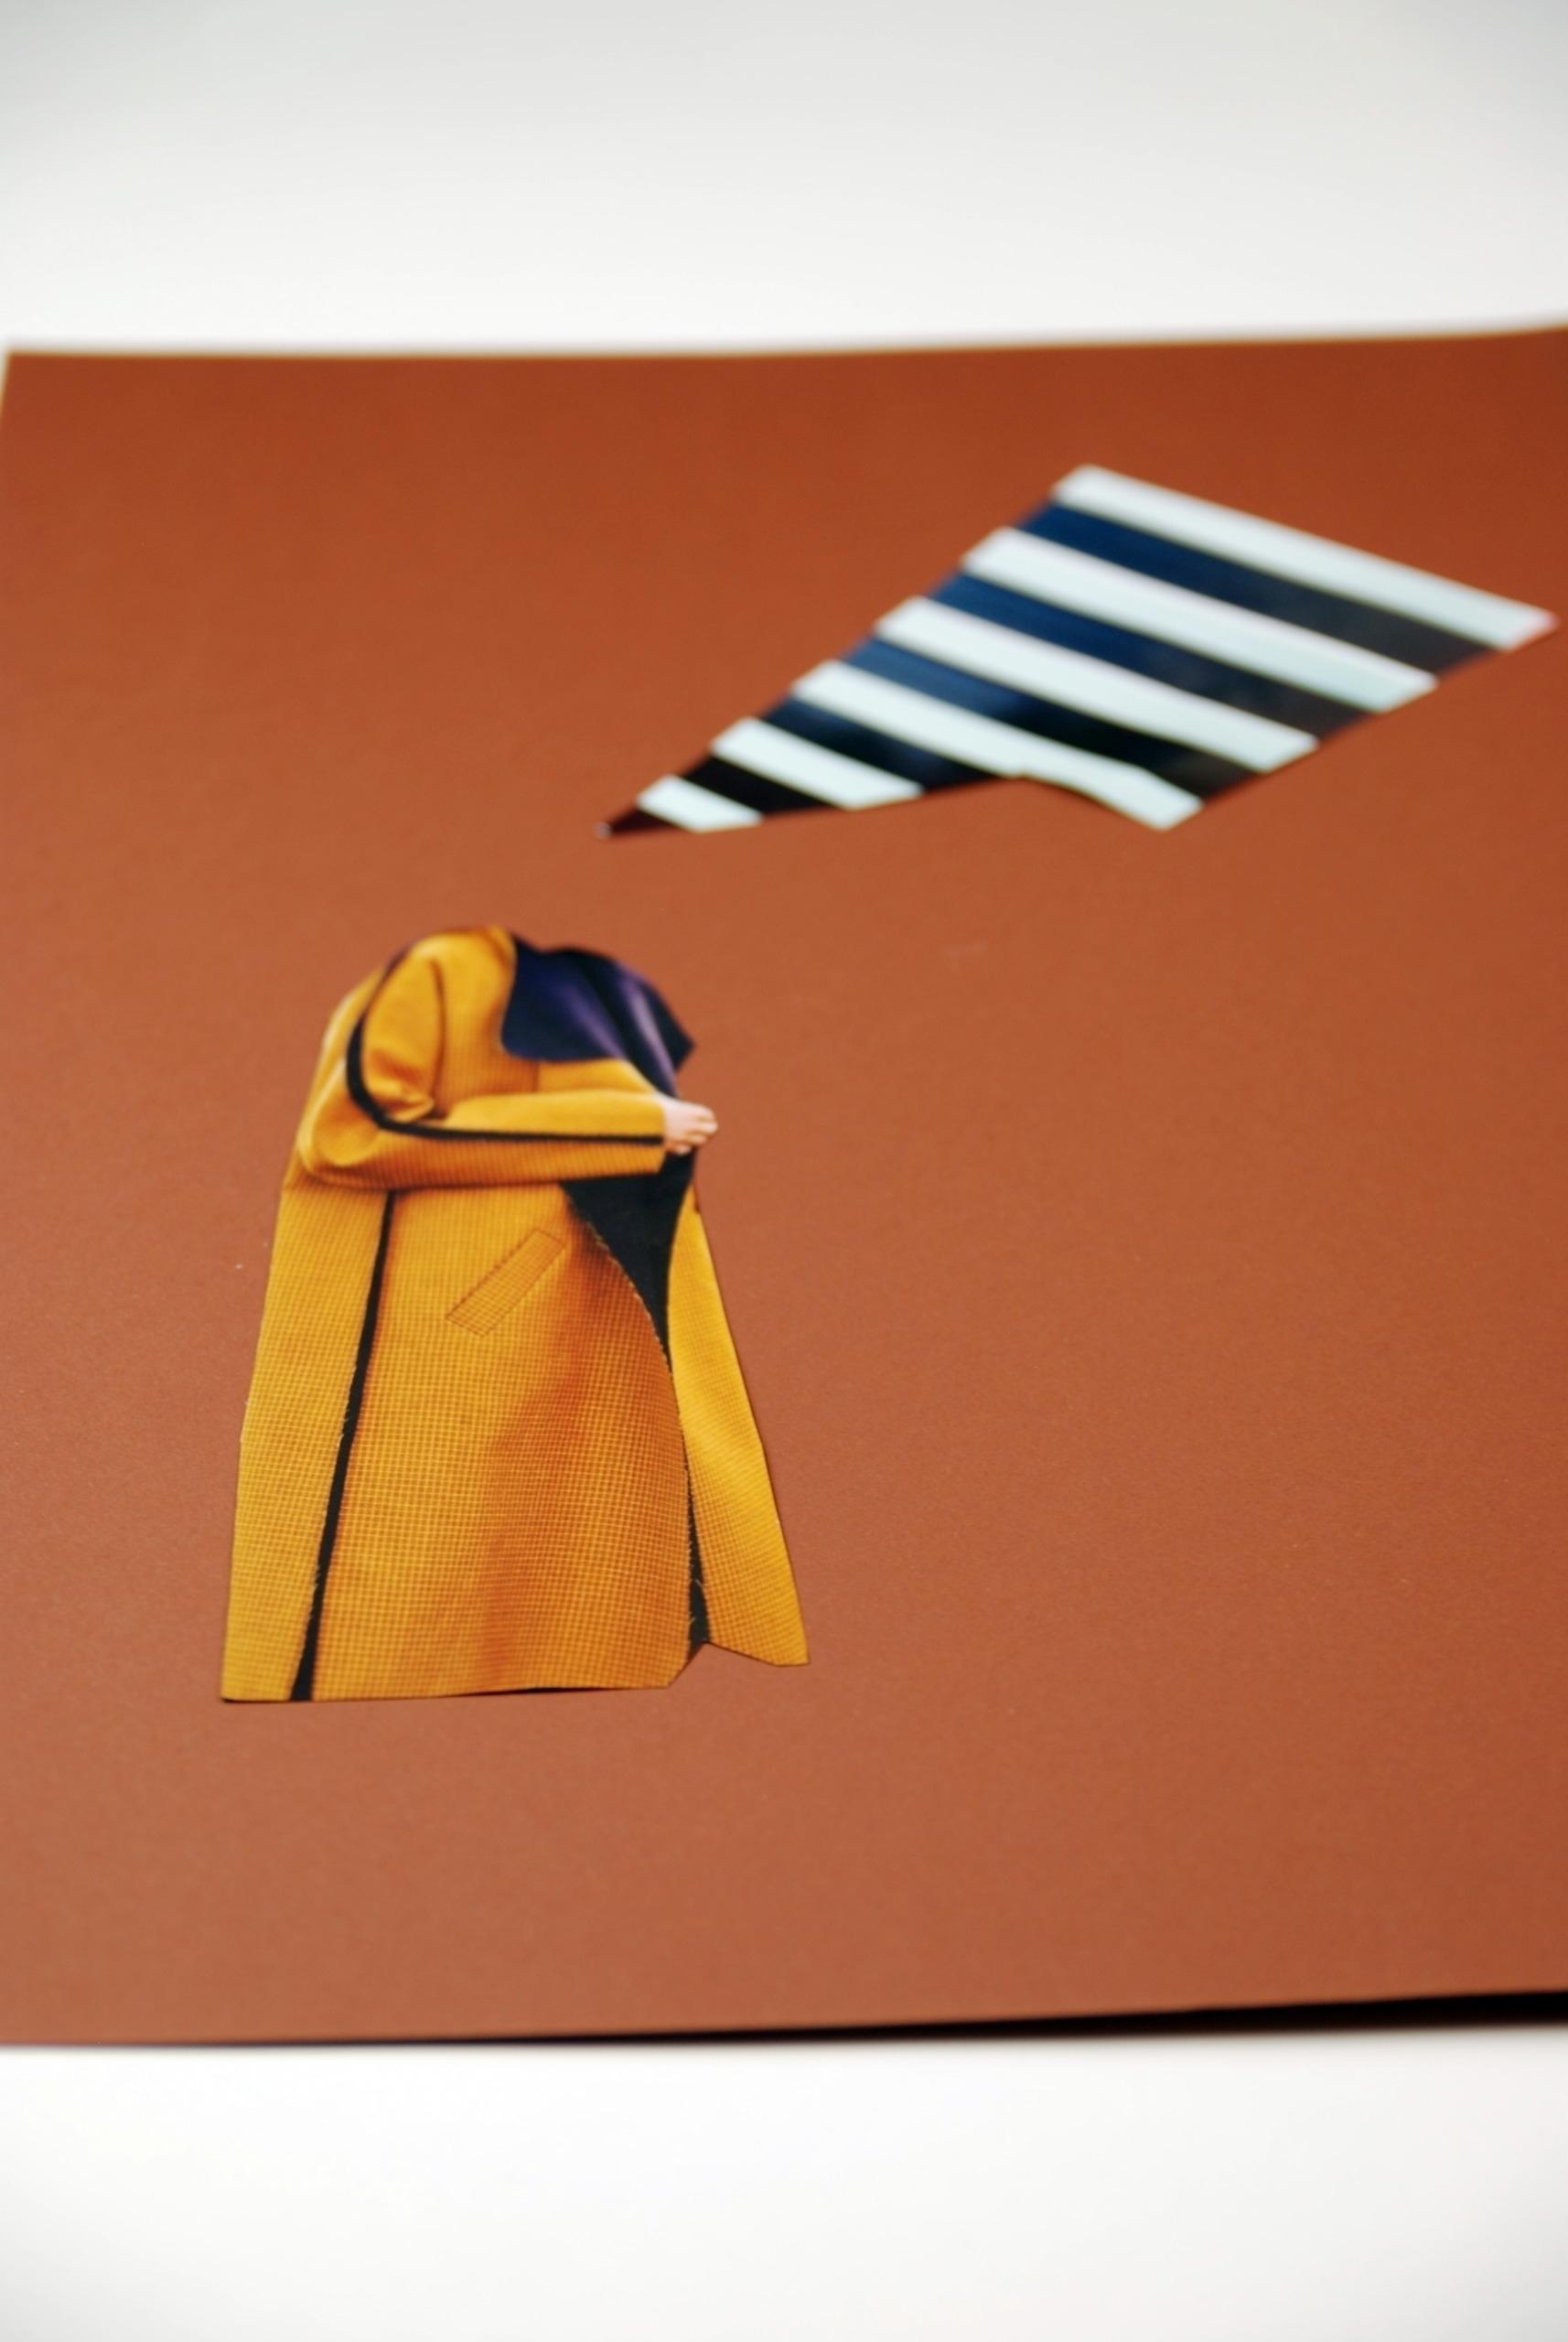 Zdjęcie przedstawia kolaż na brązowym tle, widzimy element w czarno-białe pasy i płaszcz.